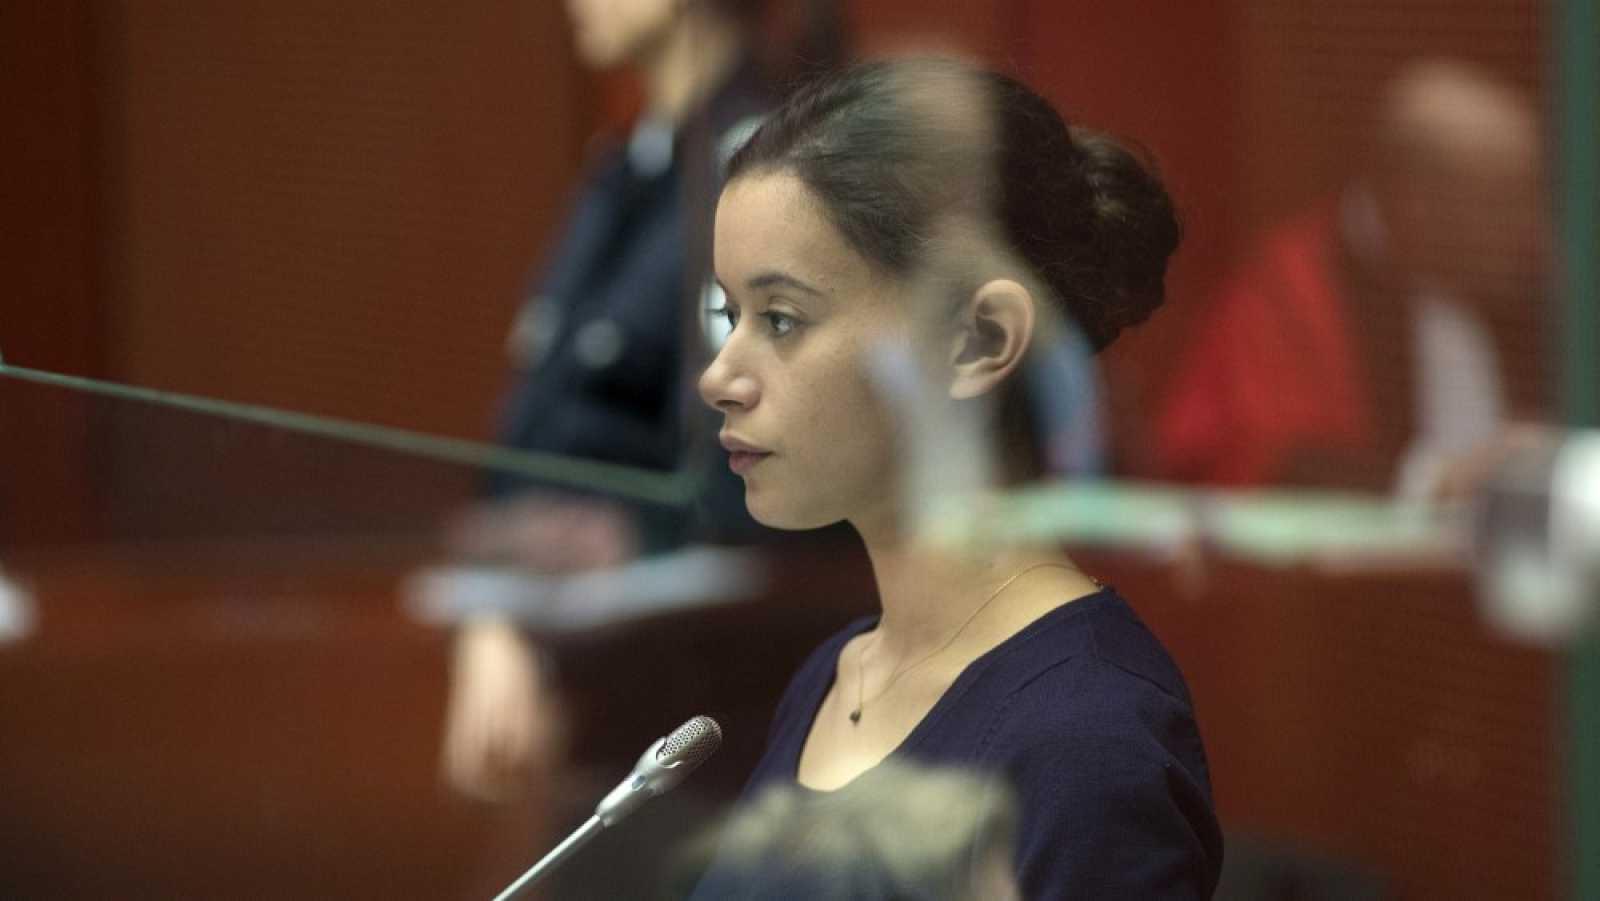 De cine - 'La chica del brazalete' - 17/02/21 - Escuchar ahora